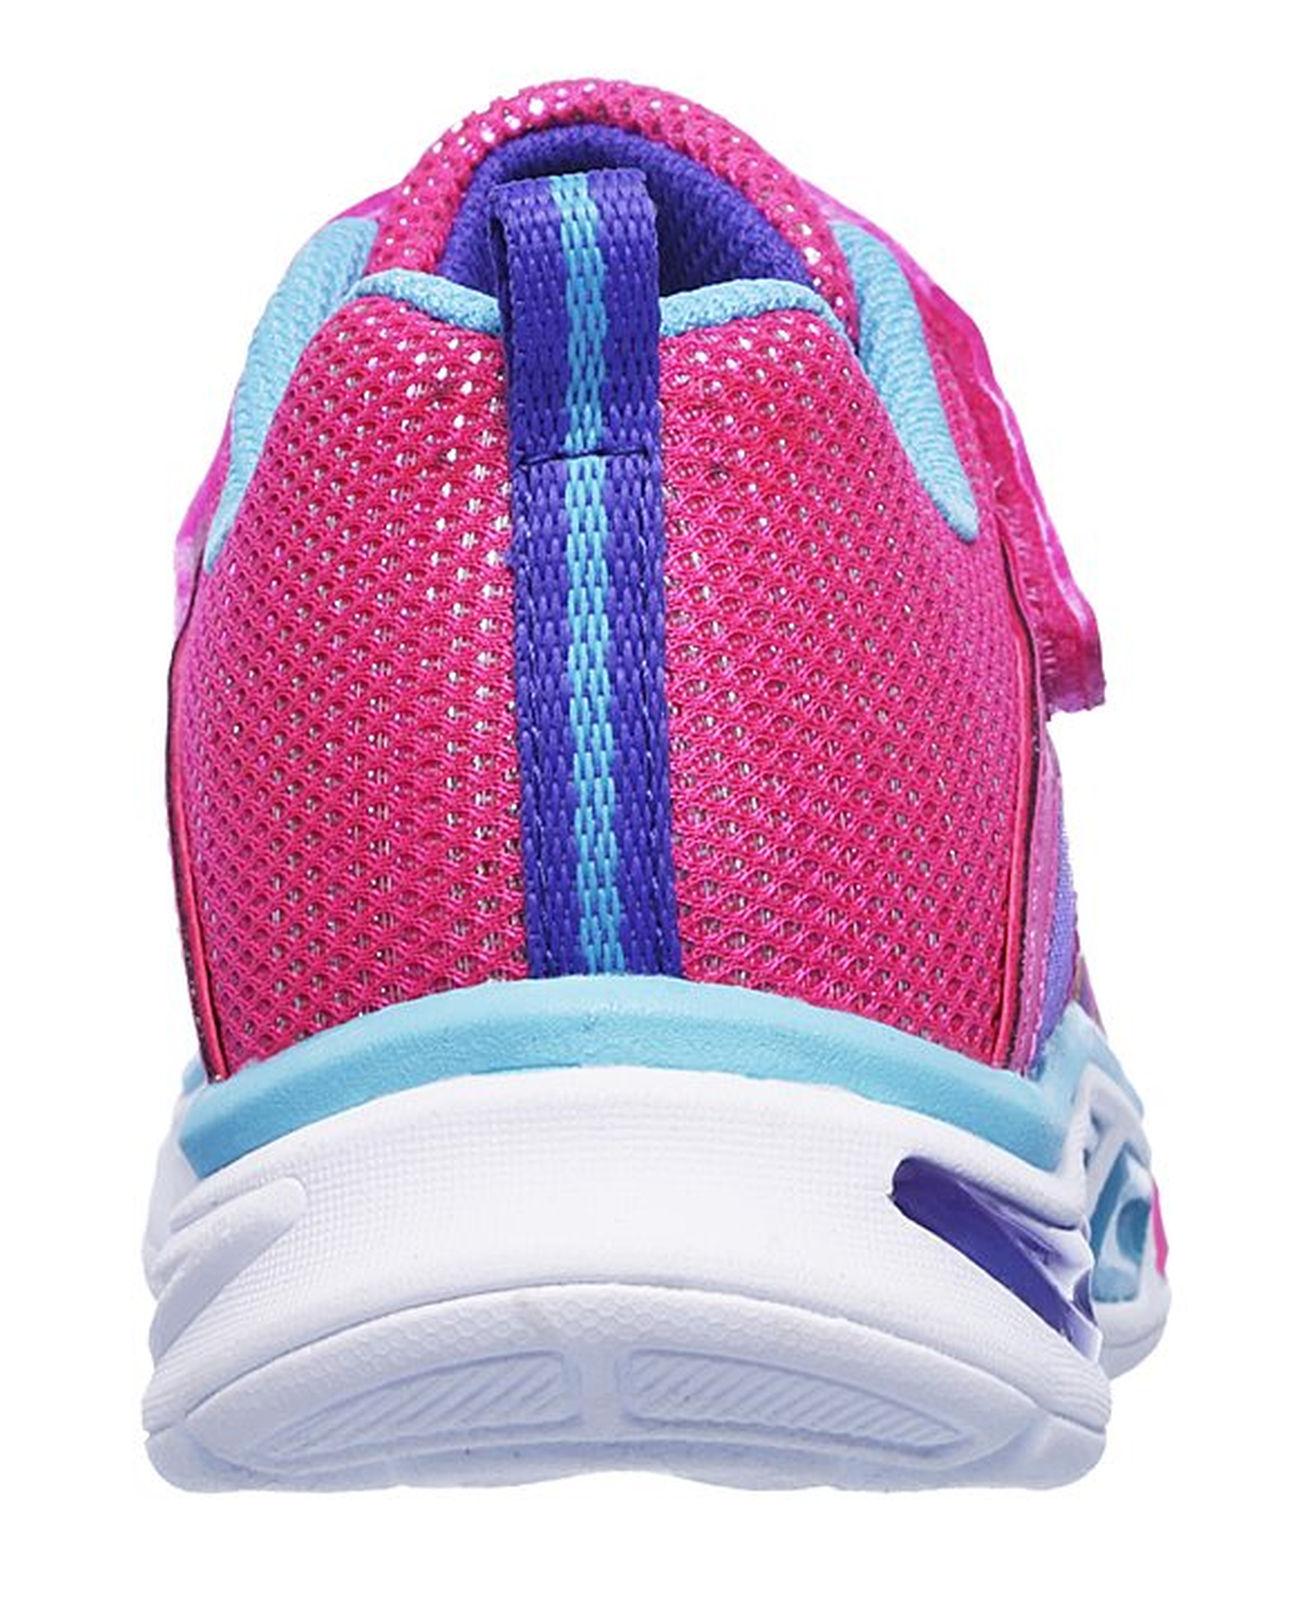 Details zu Skechers Mädchen Freizeit Lauf Schuh Sneaker S